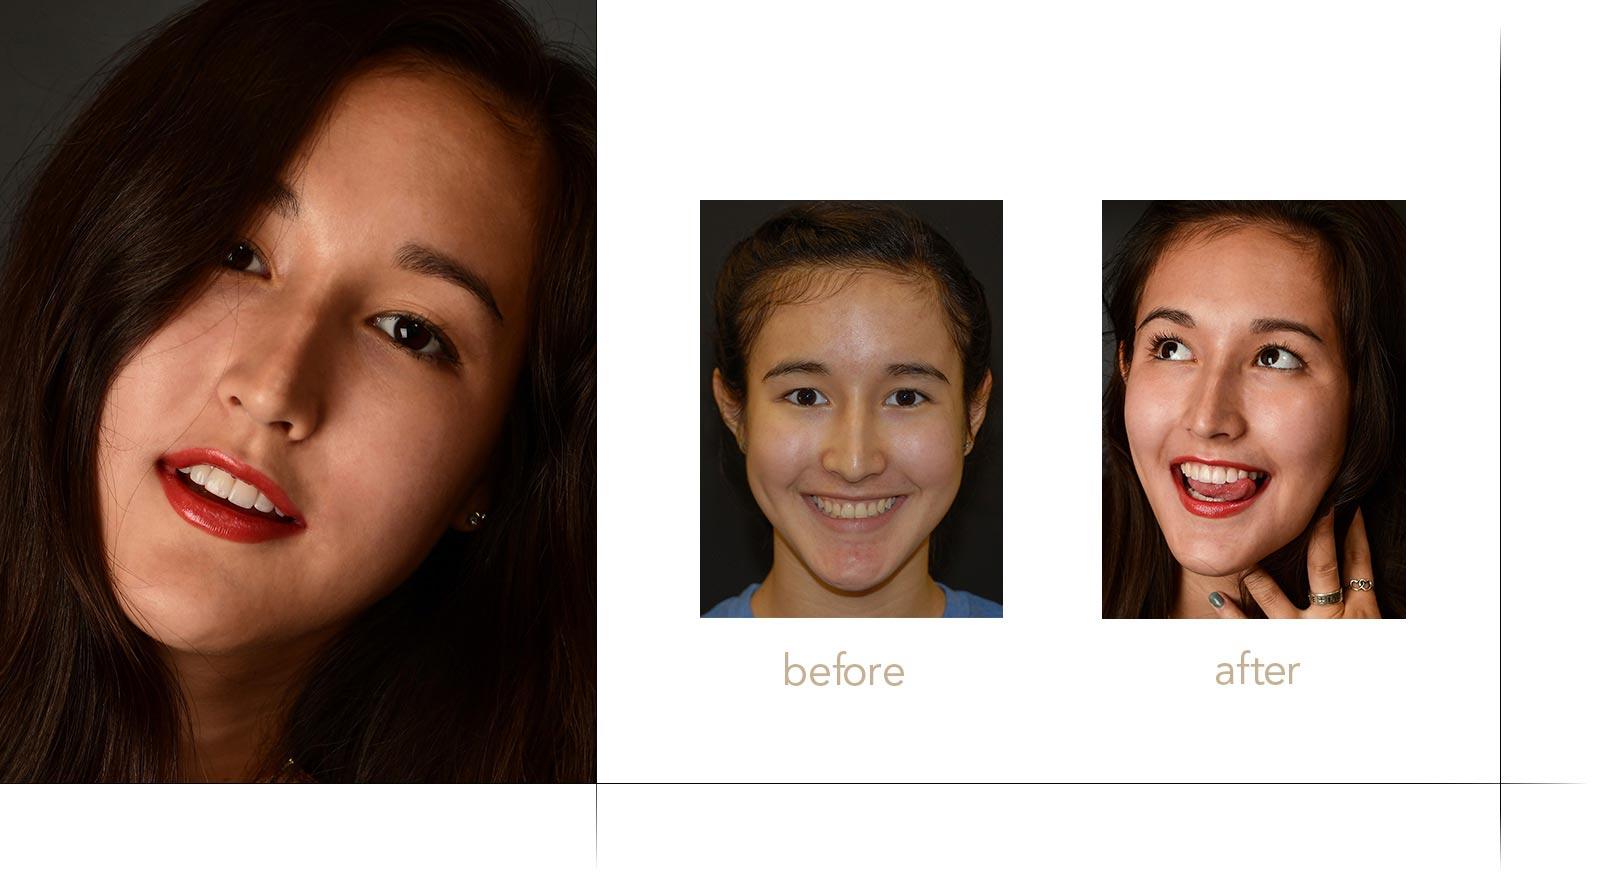 peg teeth fixed with dental veneers